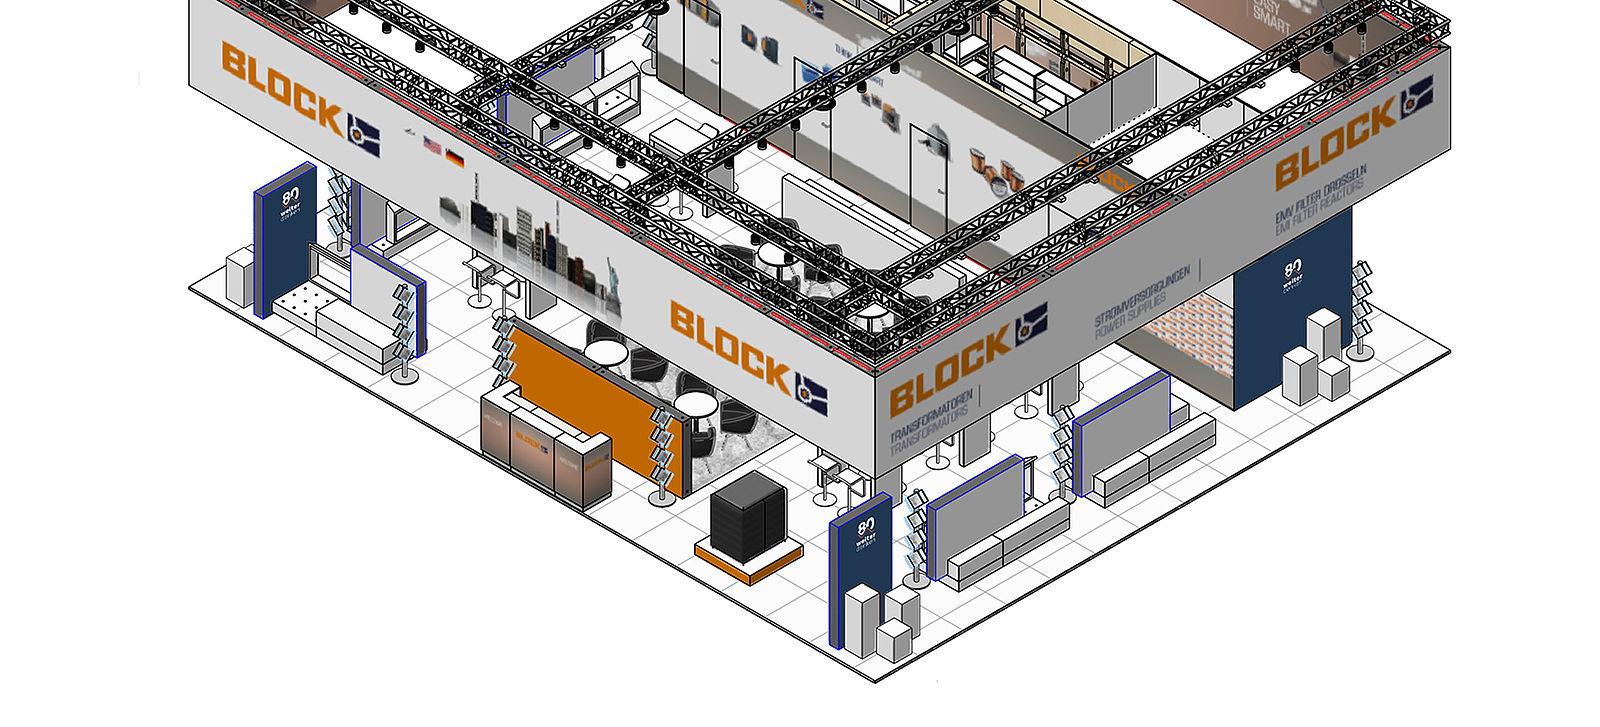 block jubil umsauftritt auf der hannover messe 2019. Black Bedroom Furniture Sets. Home Design Ideas